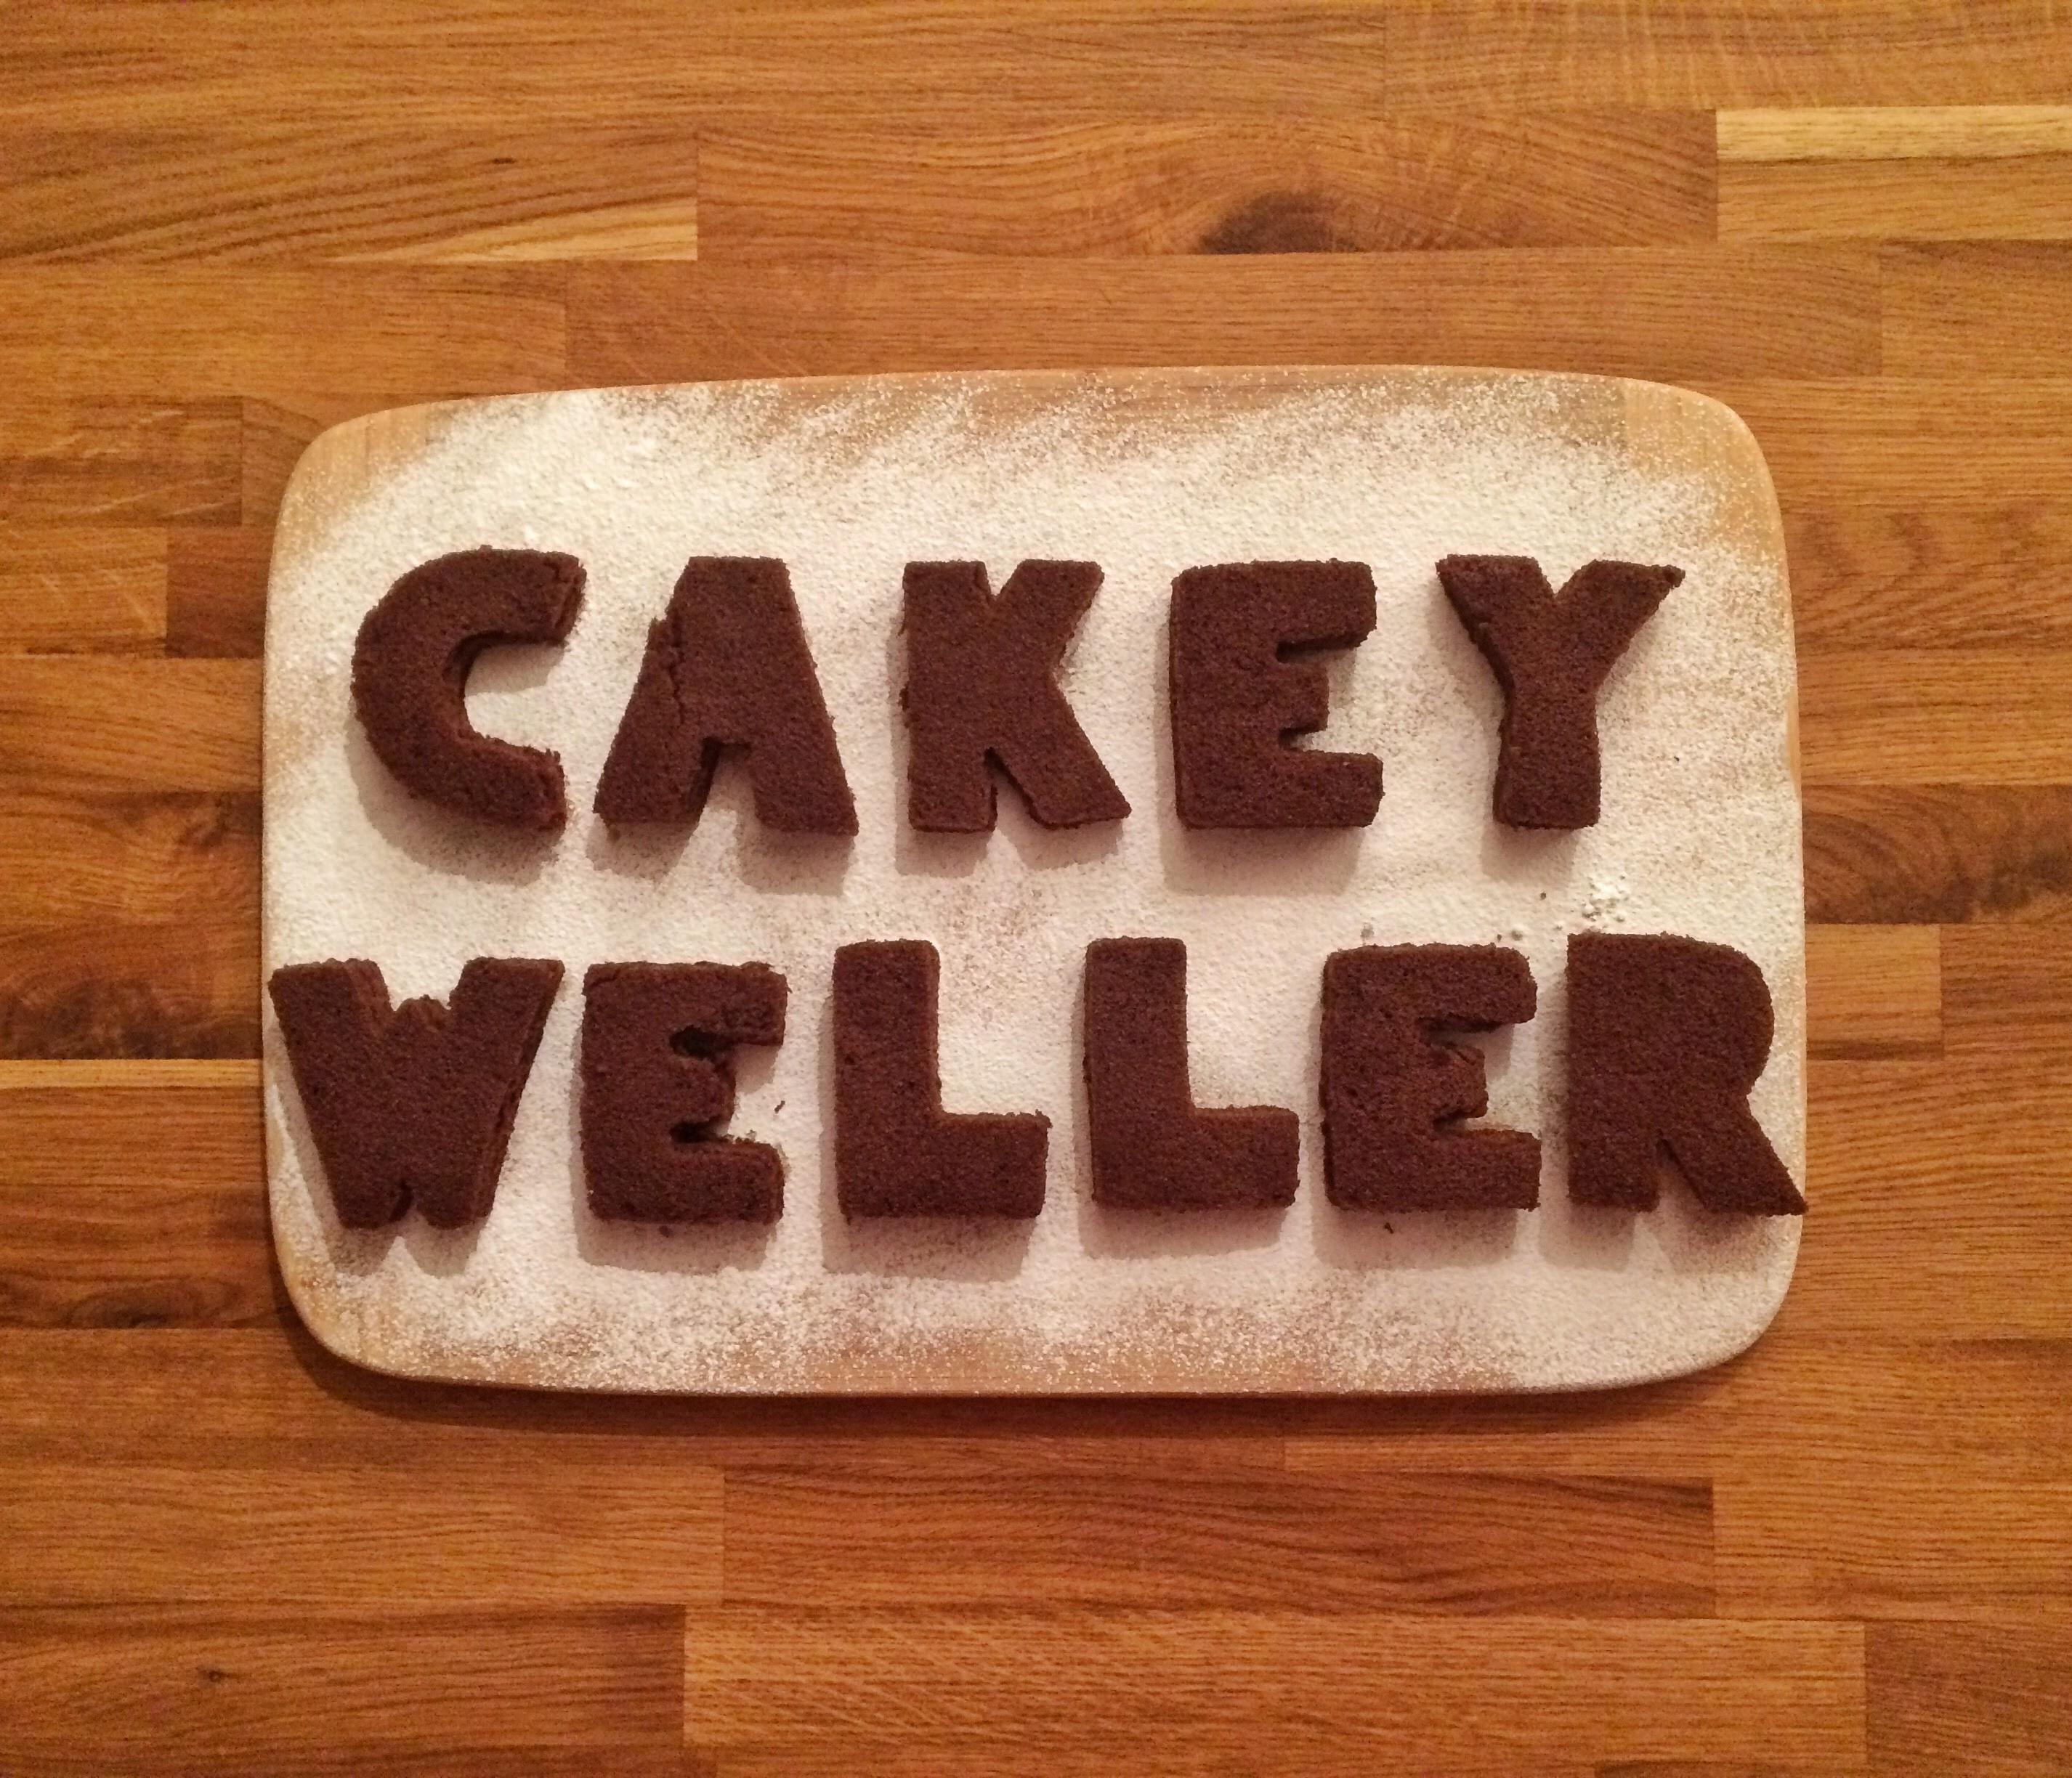 Cakey Weller